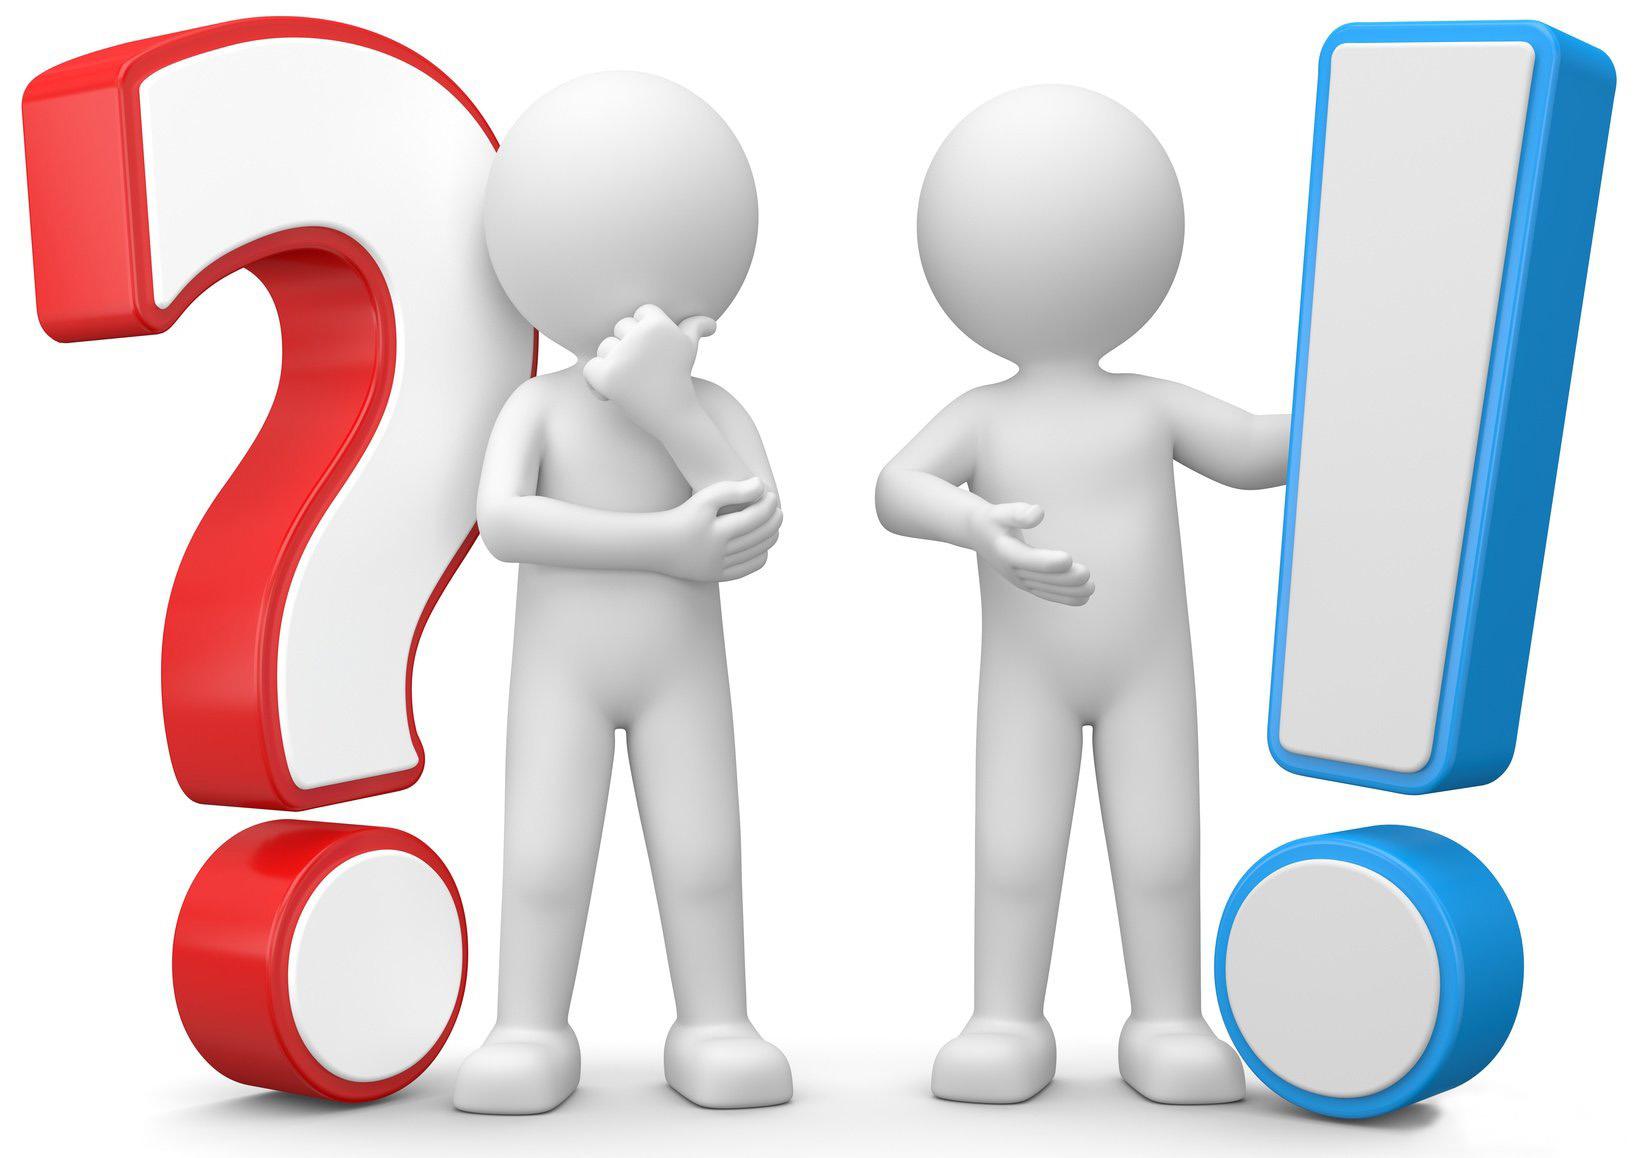 Человечки со знаком вопроса и восклицательным знаком